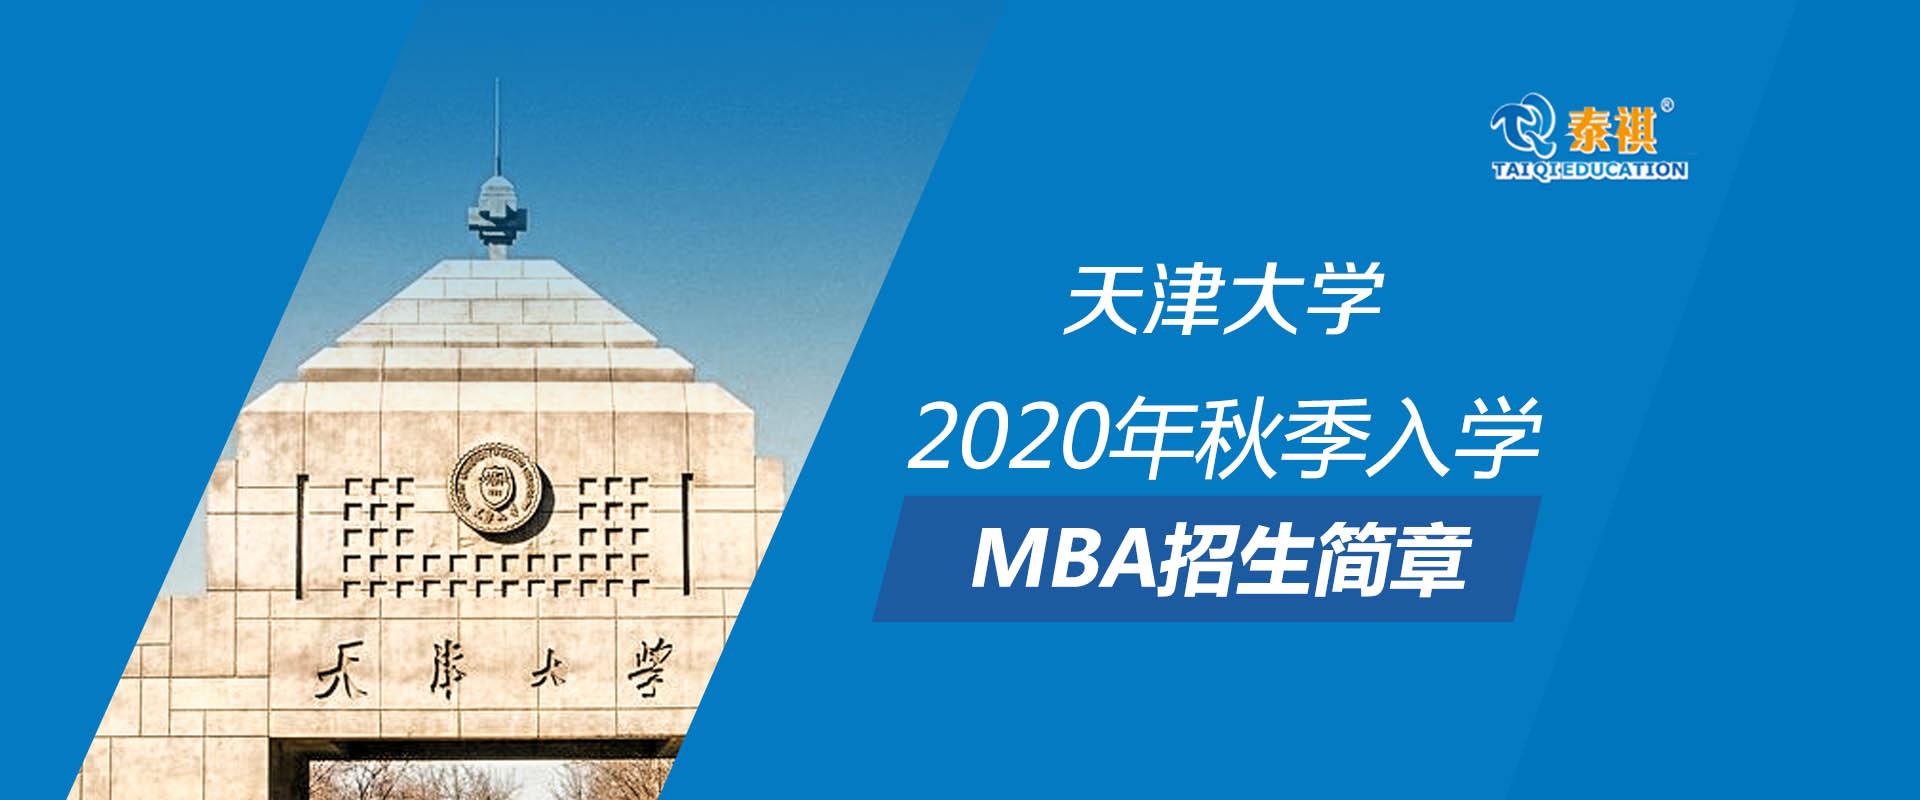 天津大学2019年秋季入学MBA招生简章